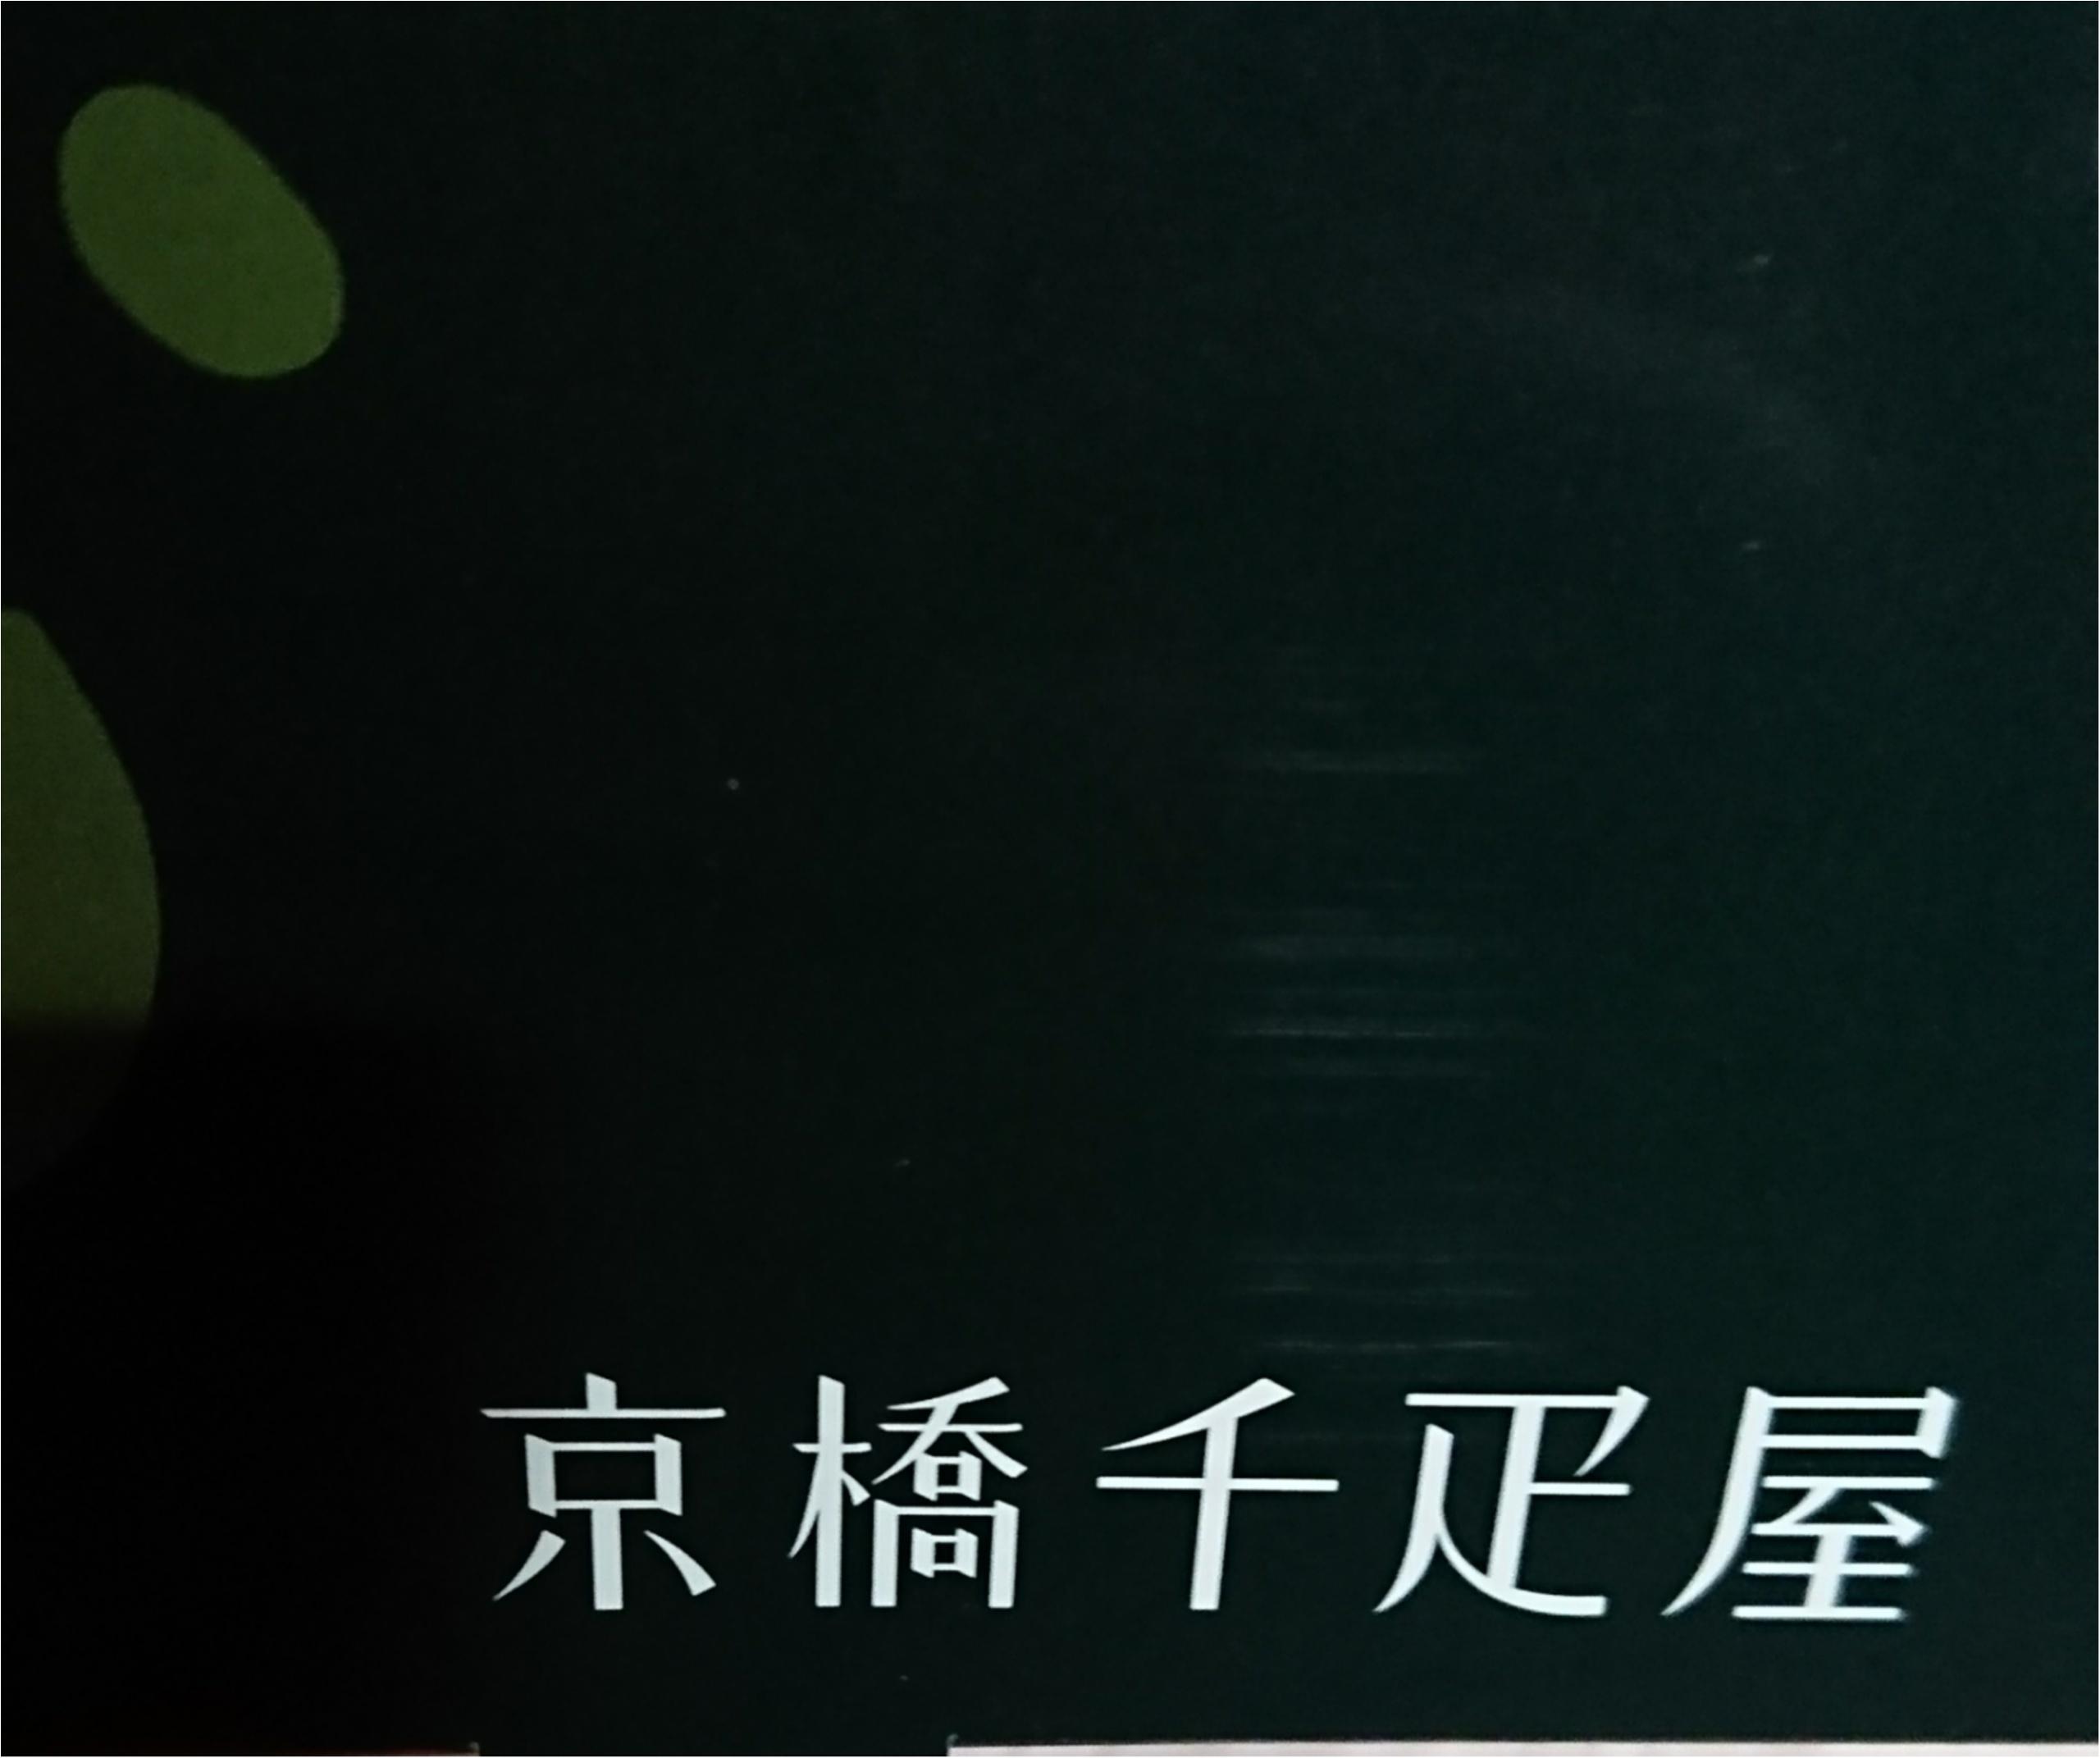 【渋谷ヒカリエShinQs 千疋屋】〈限定〉さくら味のサンドケーキ_2